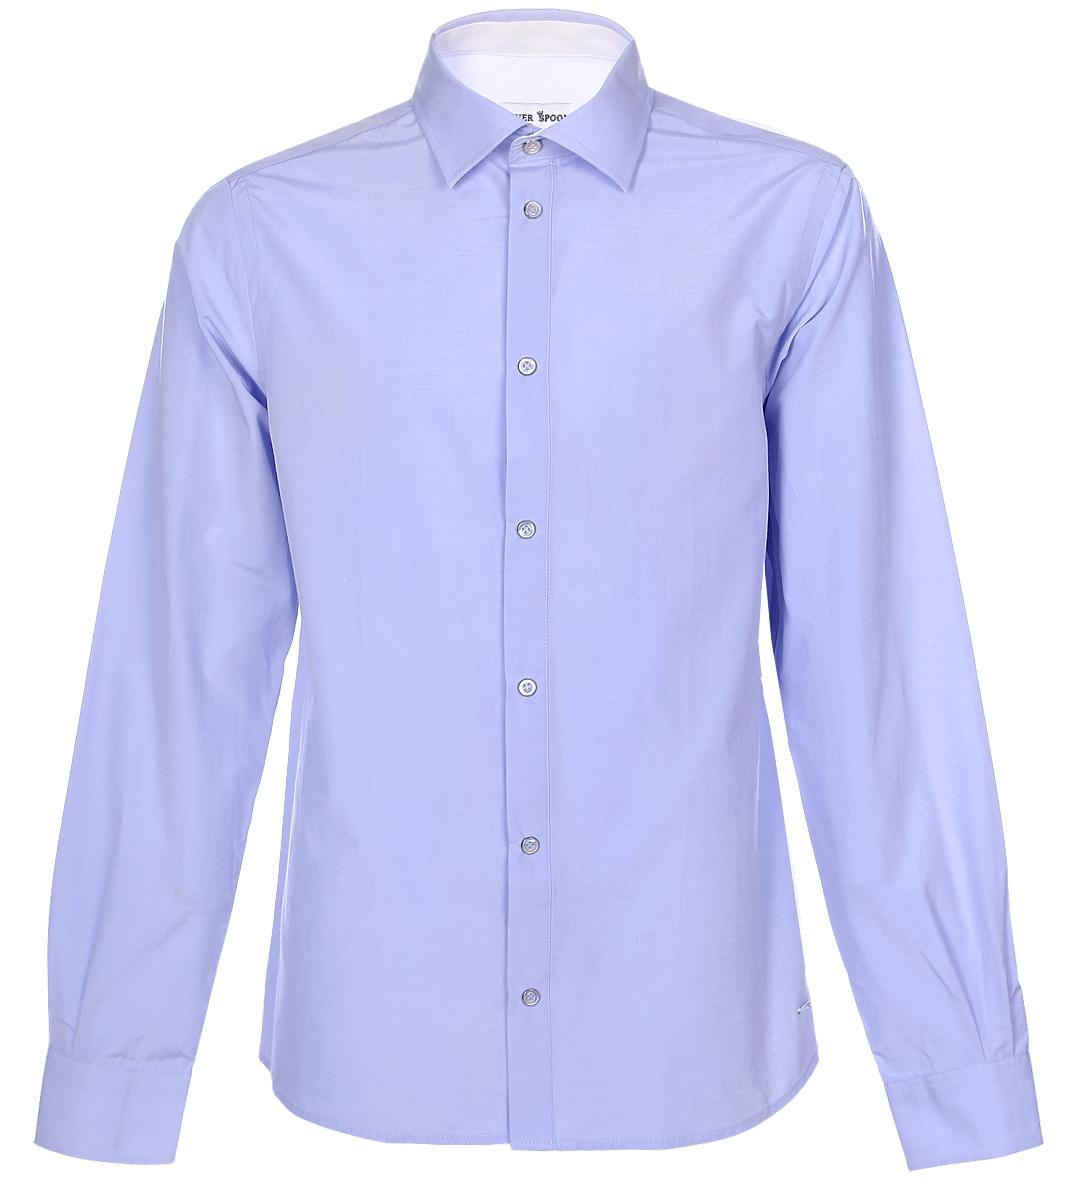 Рубашка для мальчика Silver Spoon, цвет: сиренево-синий. SSFSB-629-13831-338. Размер 158 silver spoon ssfsb 625 18701 100 silver spoon